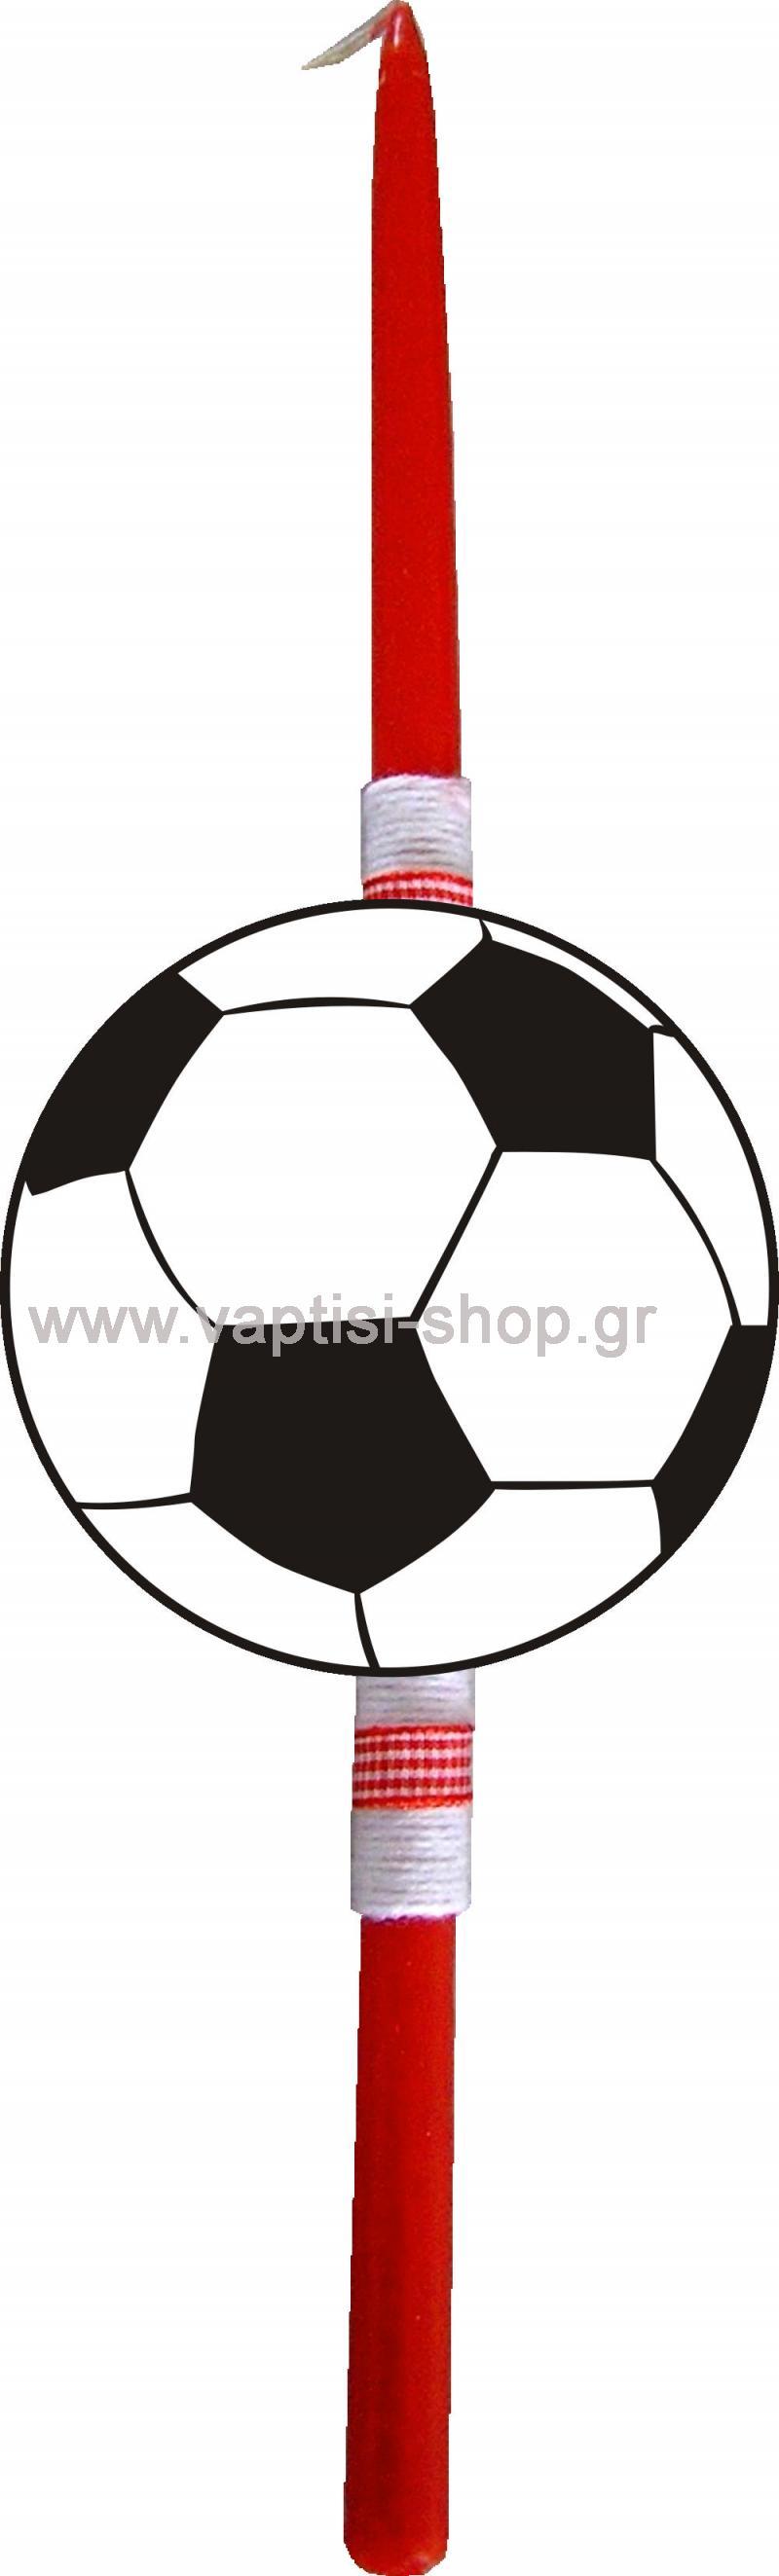 Πασχαλινή Λαμπάδα Μπάλα Ποδοσφαίρου